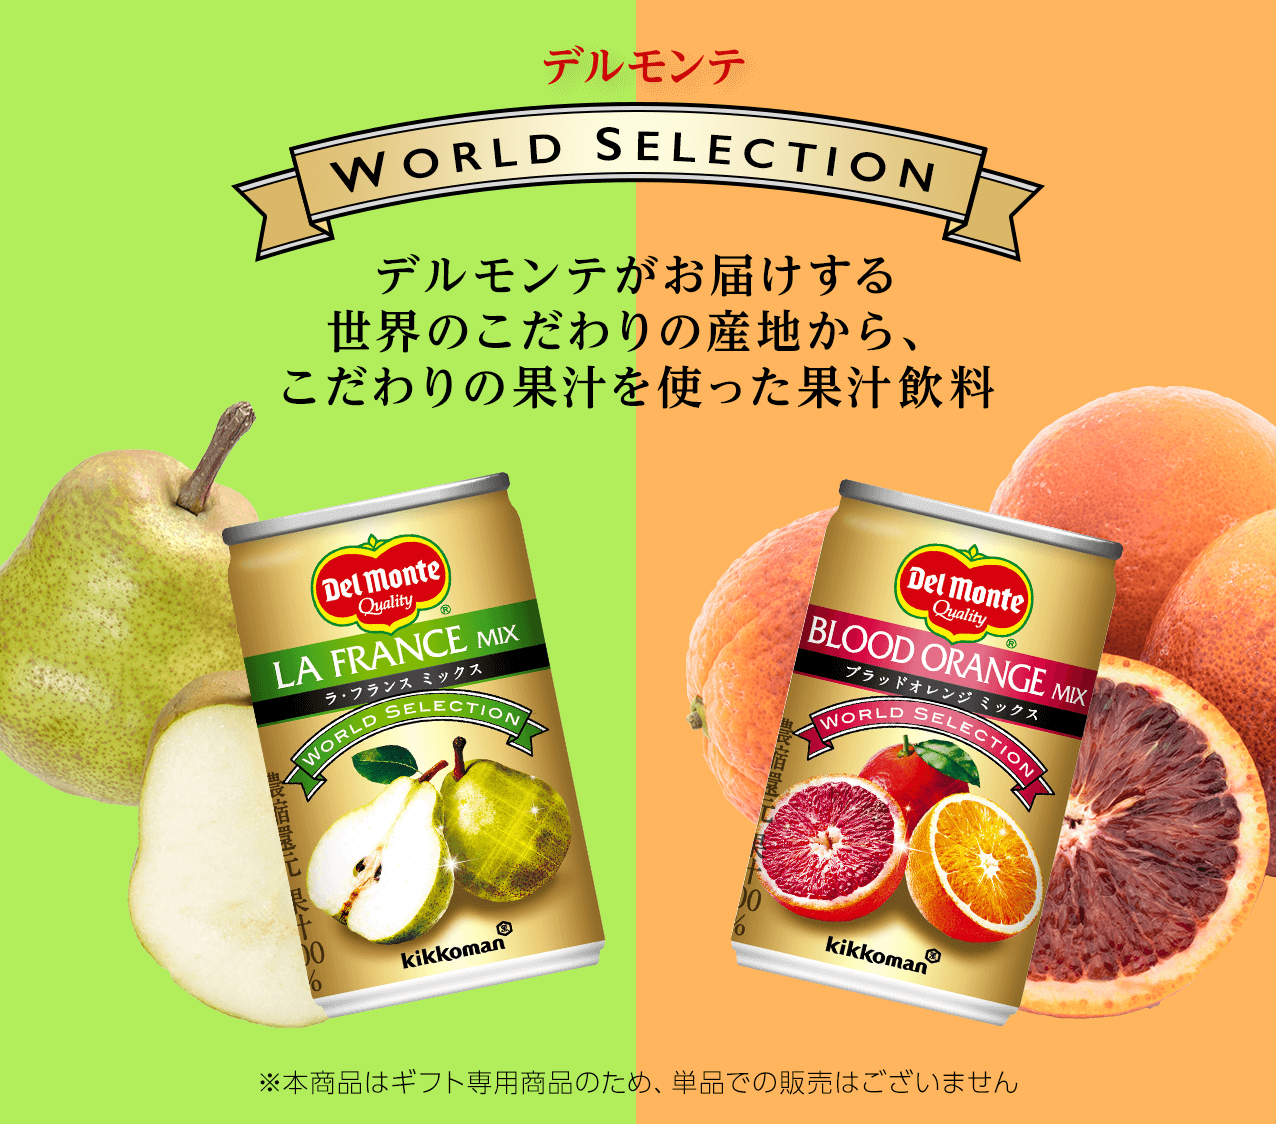 デルモンテWorld Selectionデルモンテがお届けする世界のこだわりの産地から、こだわりの果汁を使った果汁飲料